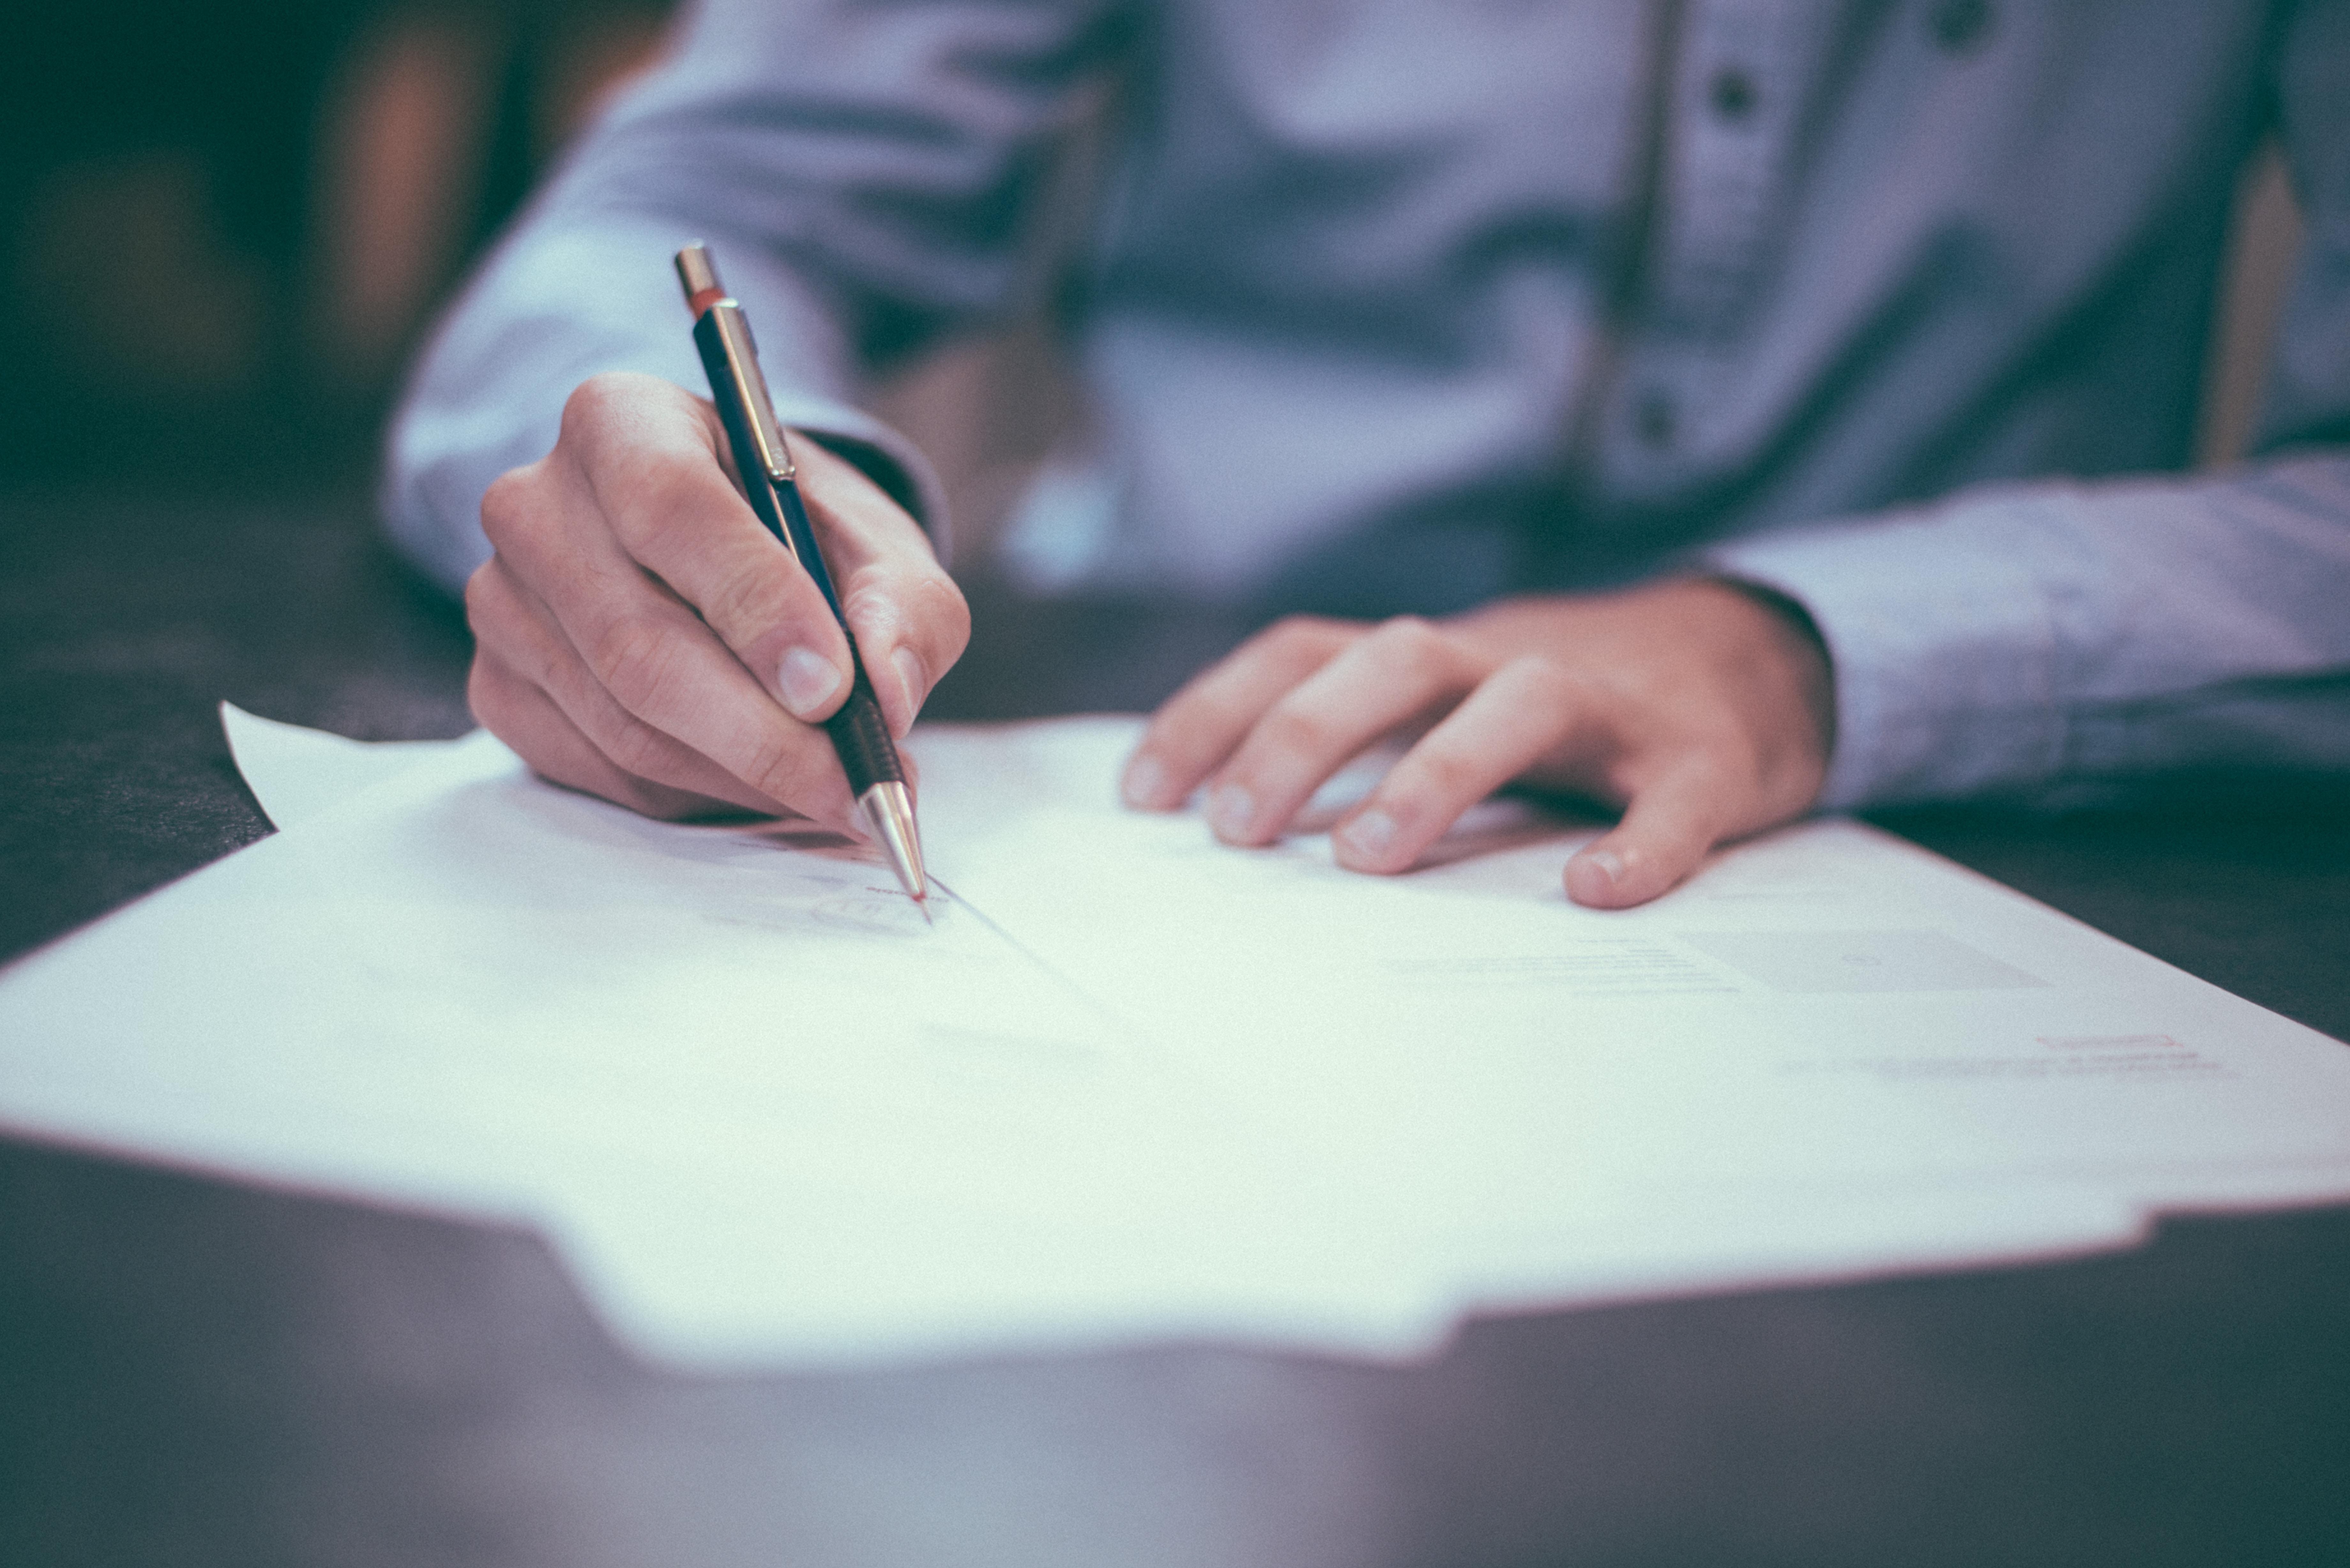 foto de alguien firmando un documento